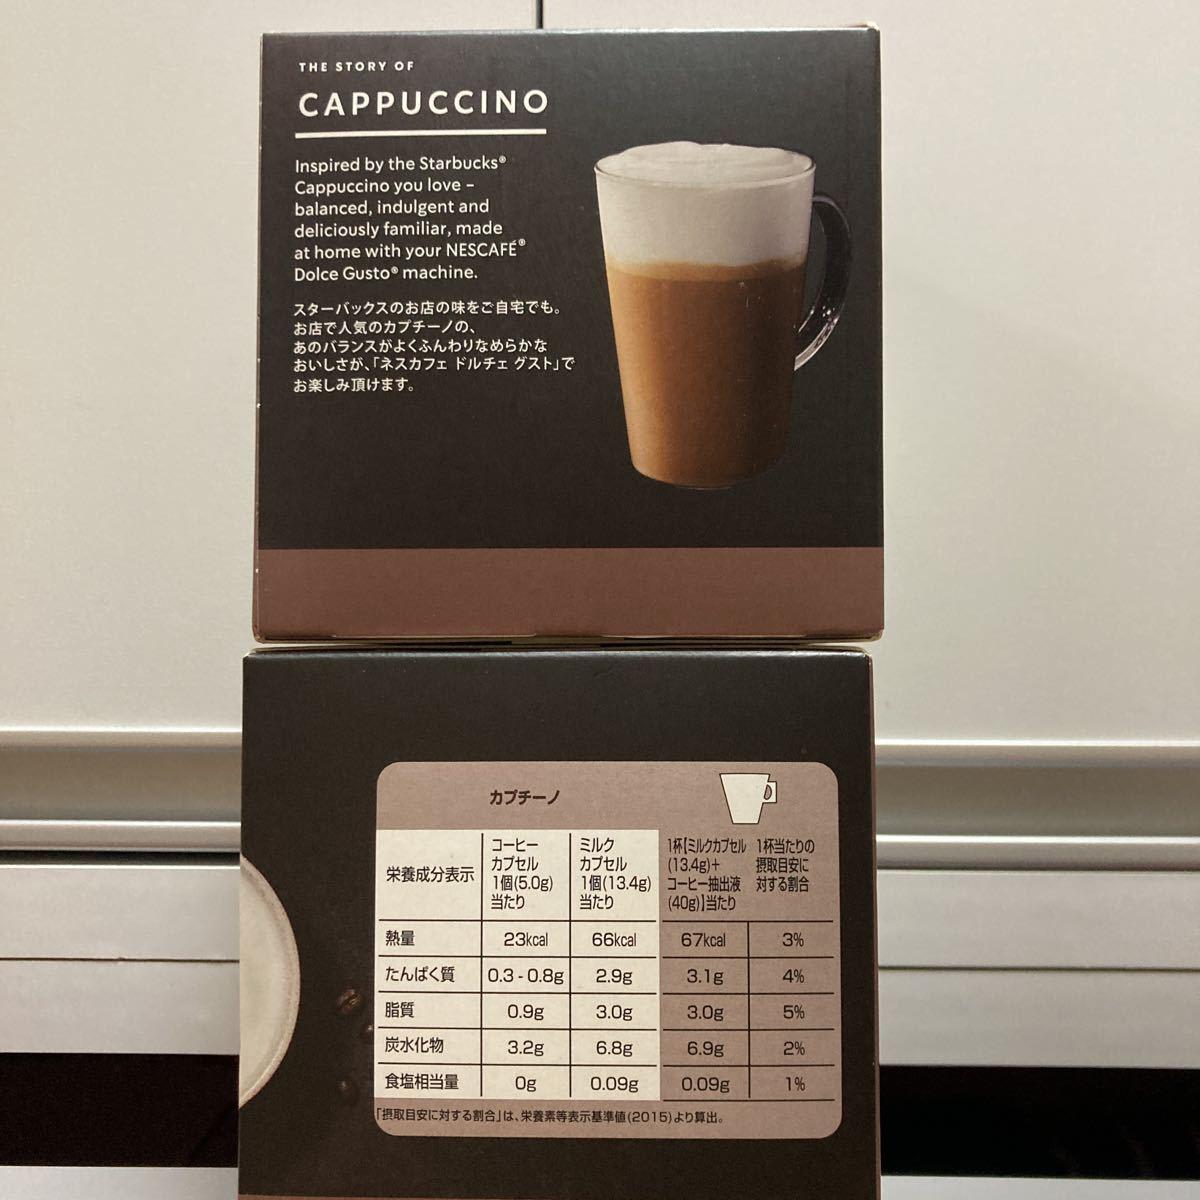 即決 ネスレ ネスカフェ ドルチェグスト専用カプセルSTARBUCKS スターバックス カプチーノ 2箱 クーポン利用 スタバ コーヒー